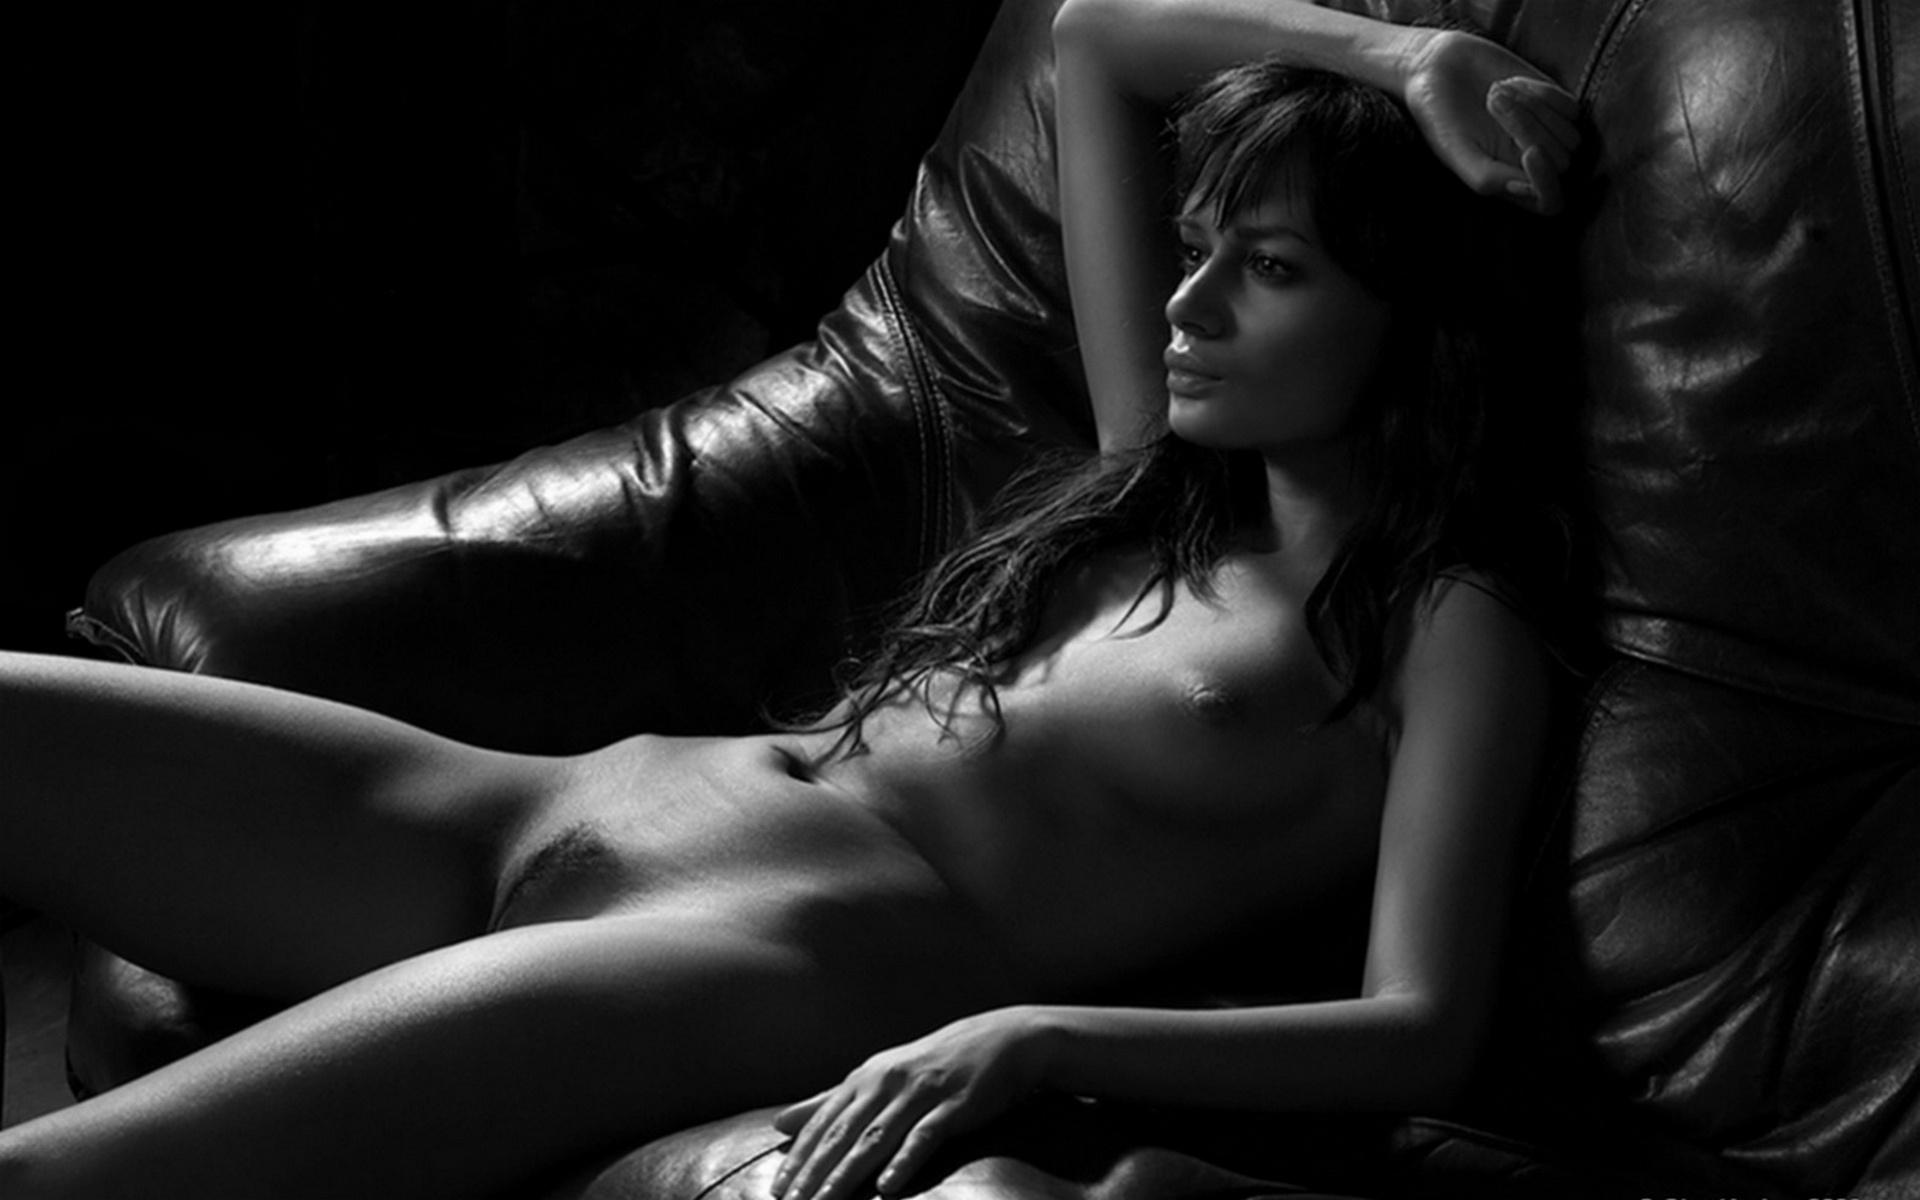 Профессиональное фото эротика смотреть бесплатно 5 фотография